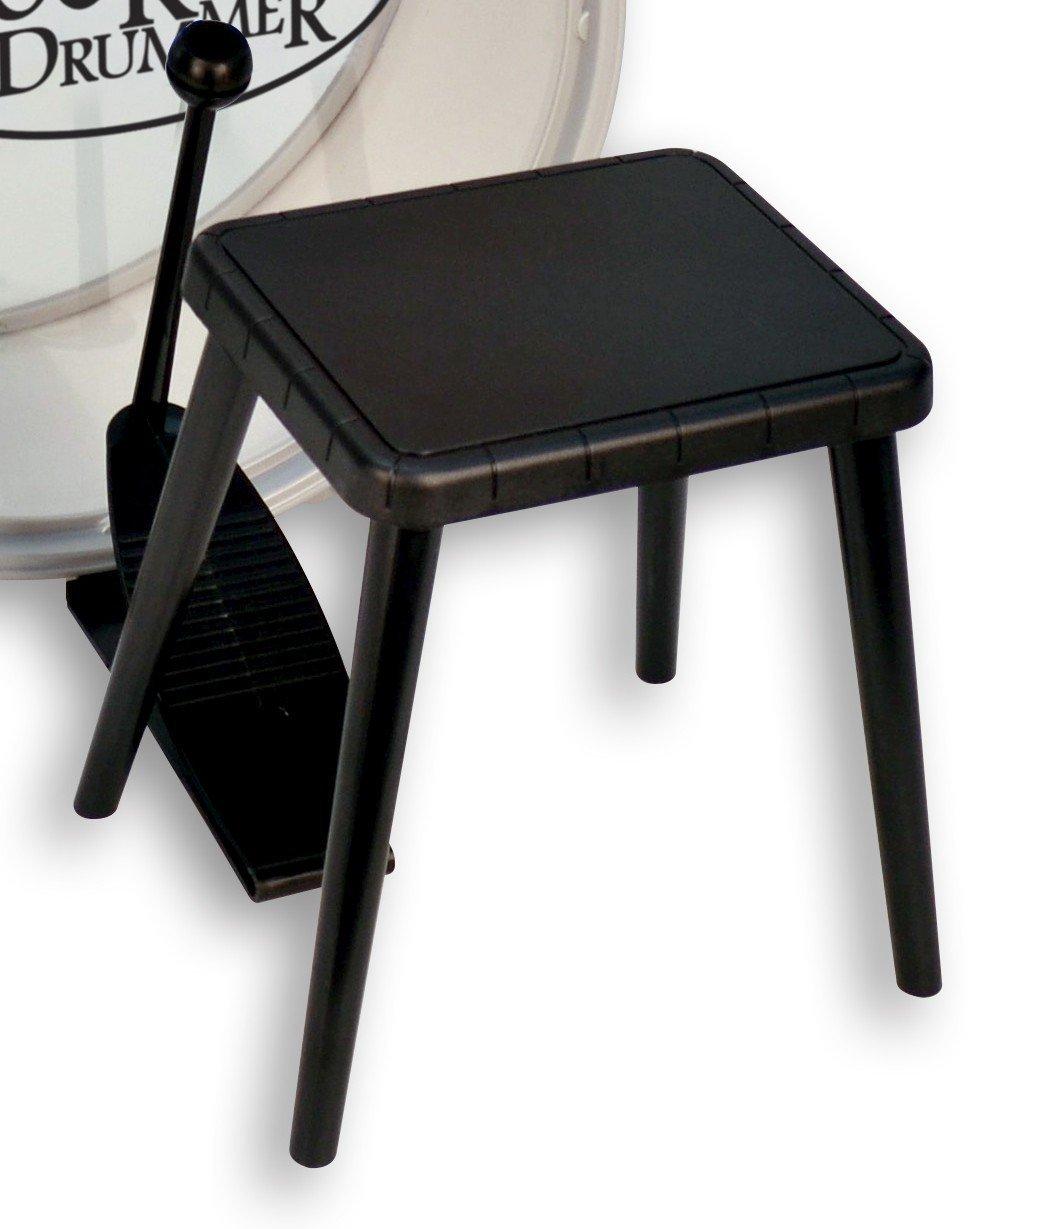 Trommesæt med stol